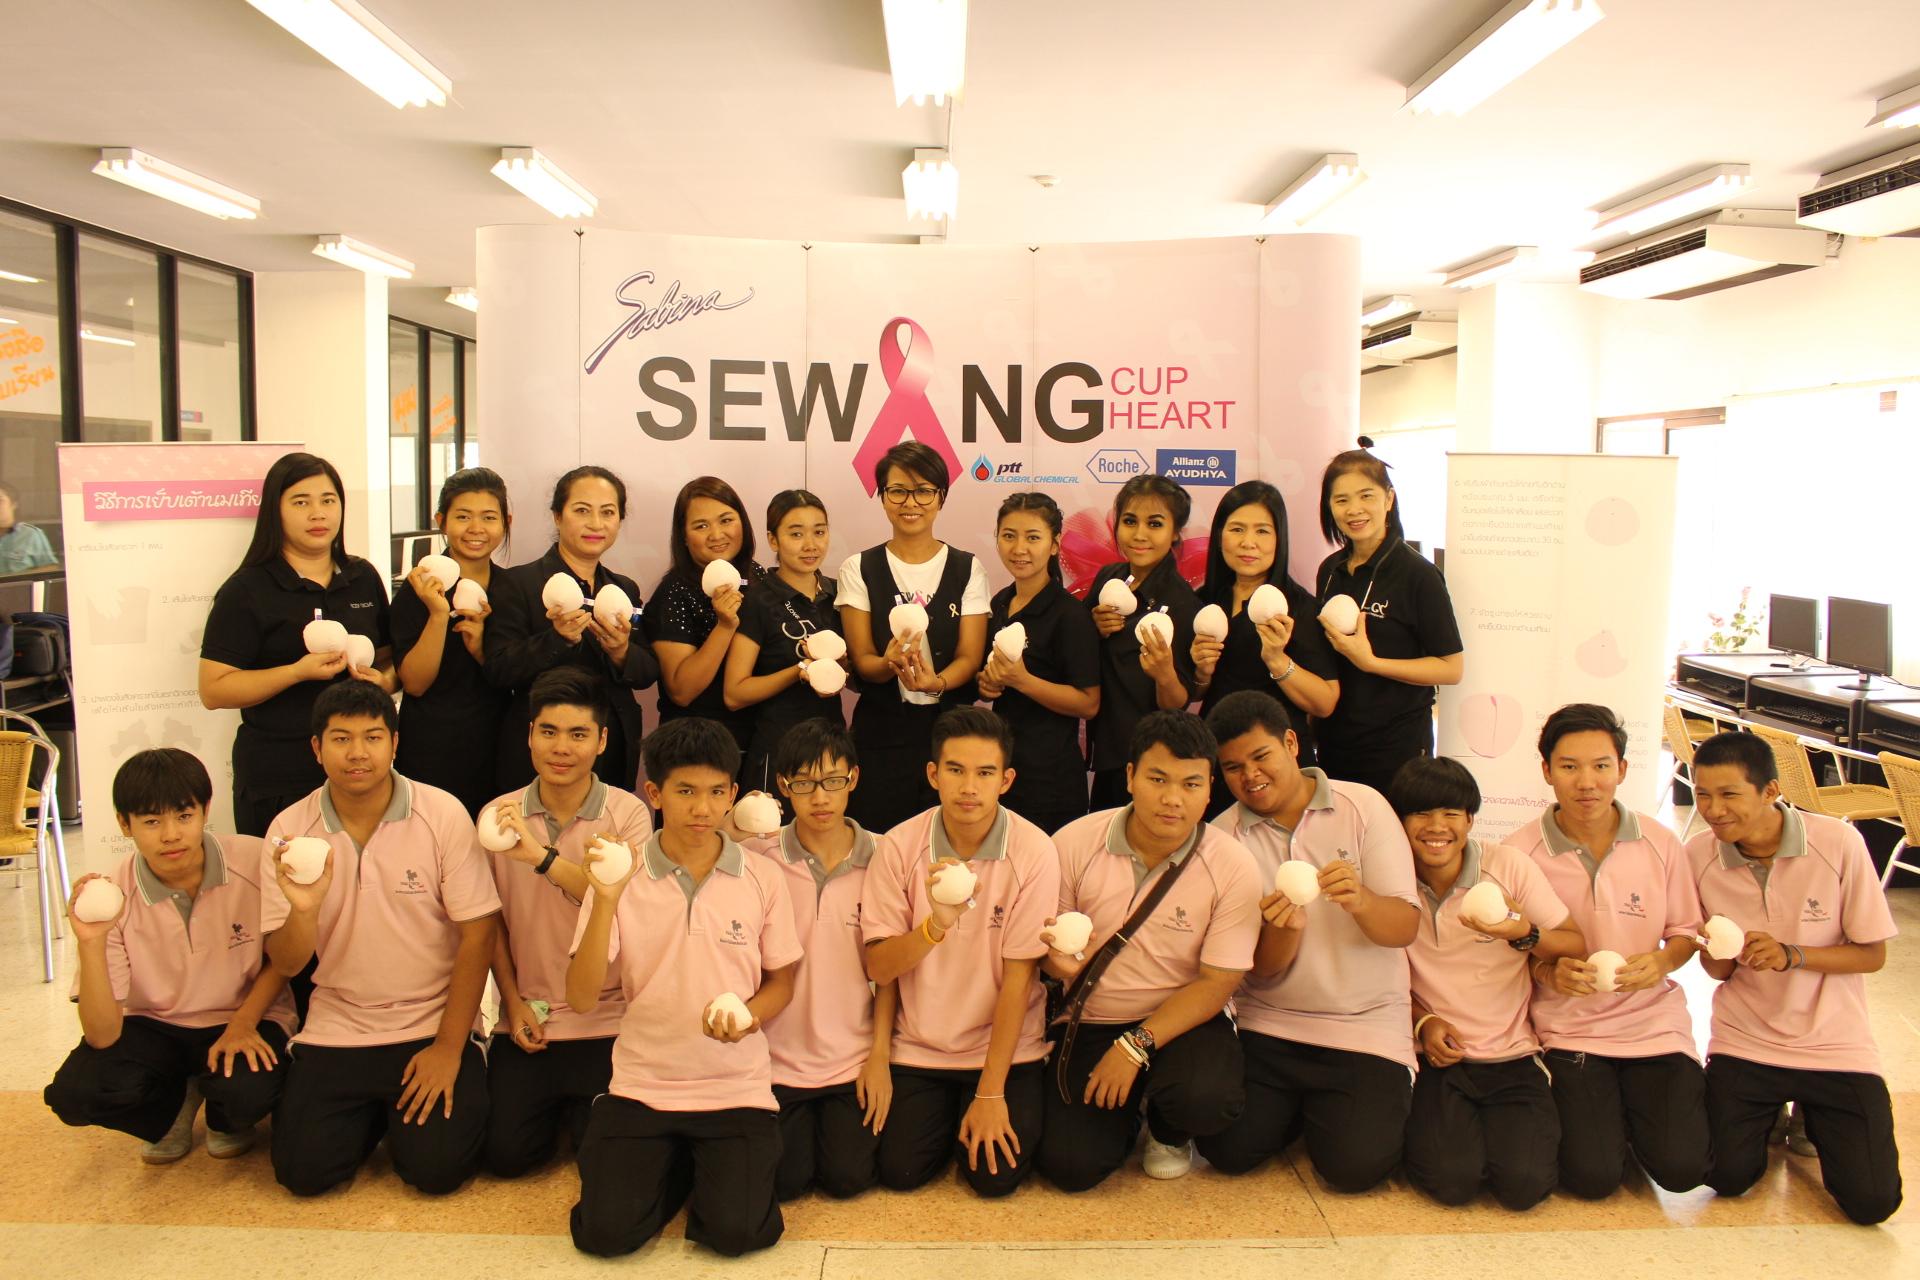 บริษัทซาบีน่า จัดกิจกรรมเย็บเต้านมเทียม ณ วิทยาลัยเทคโนโลยีไทยเบญจบริหารธุรกิจชลบุรี (16.02.17)